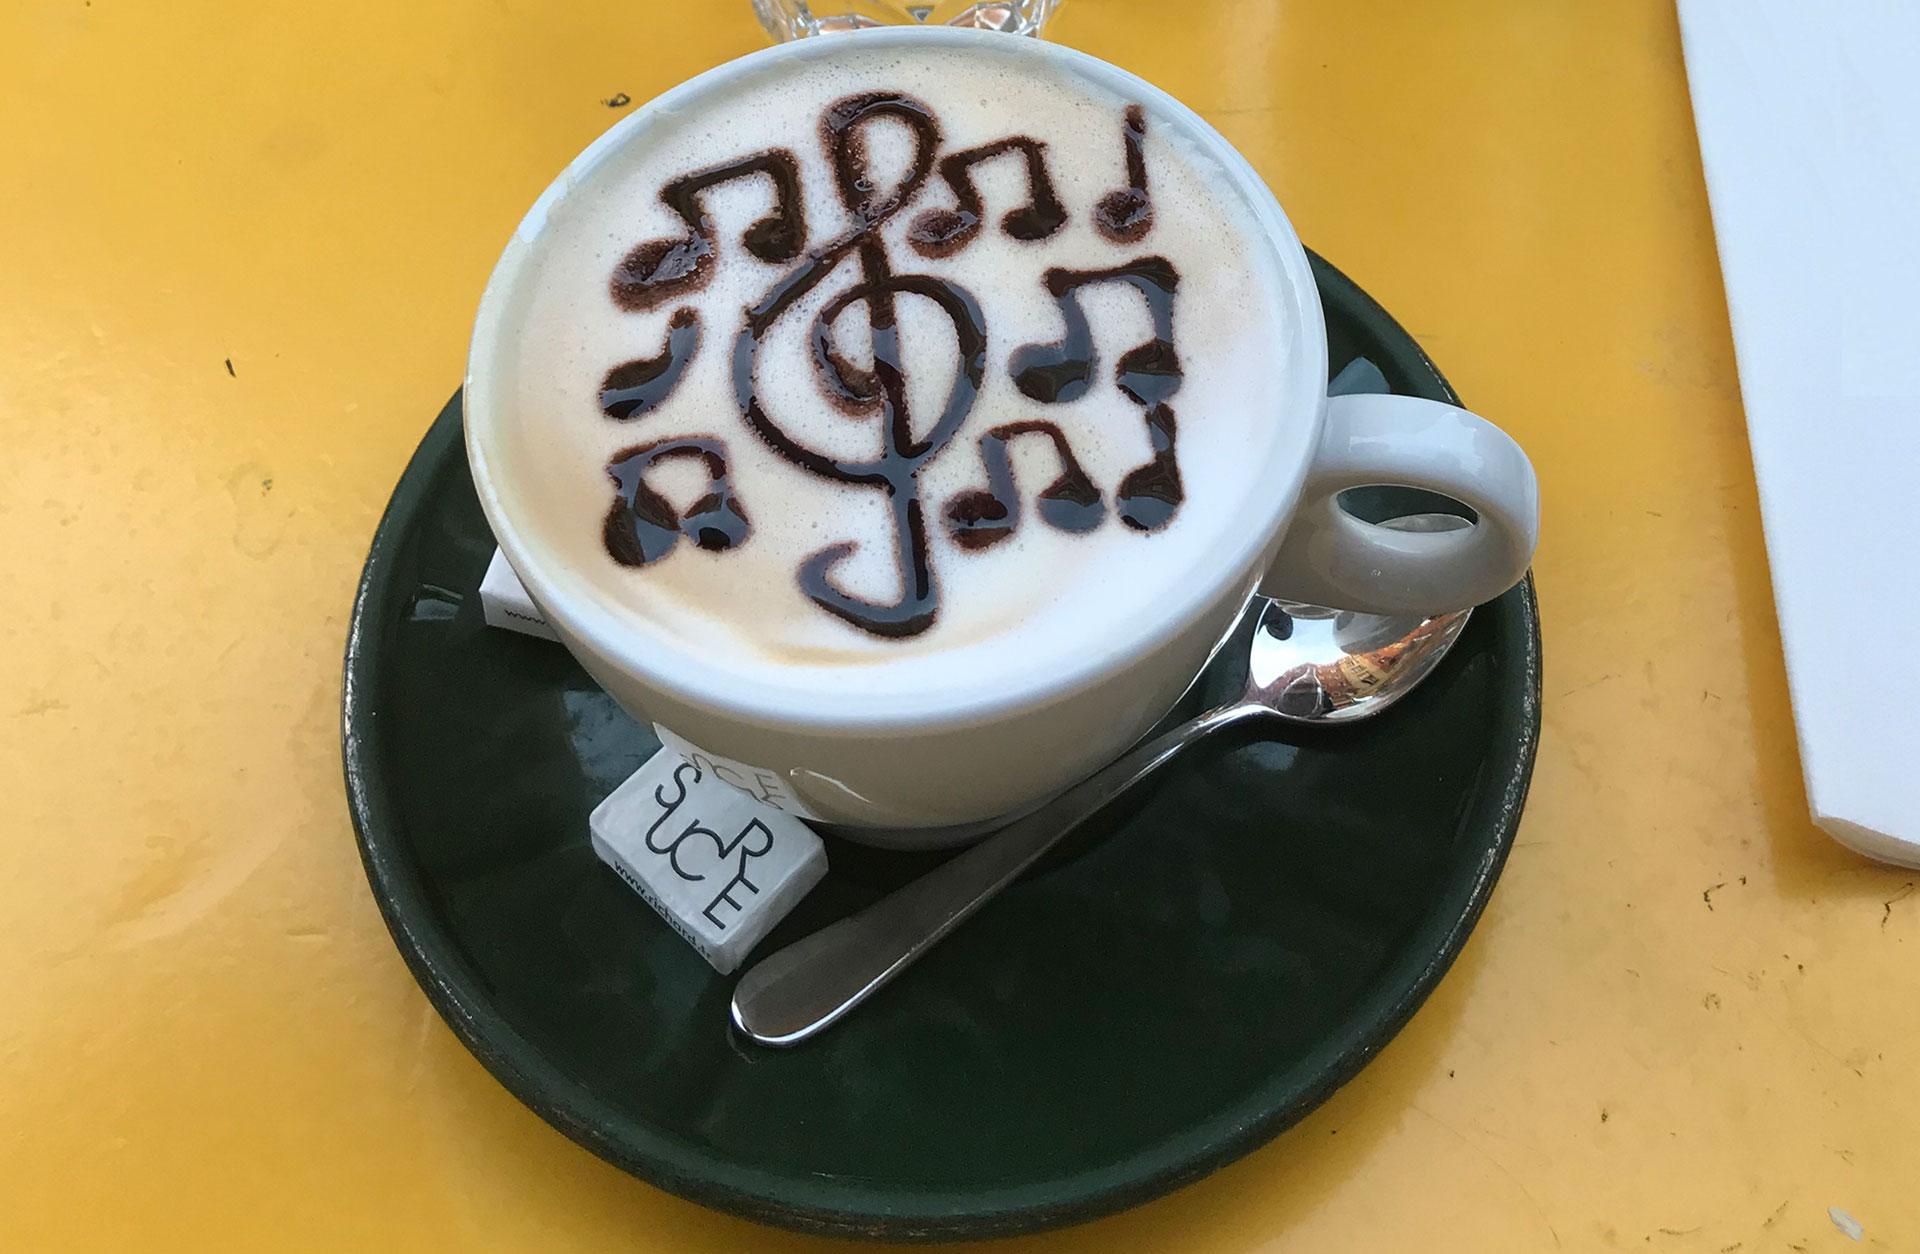 Bild av en kopp kaffe med skummad mjölk.